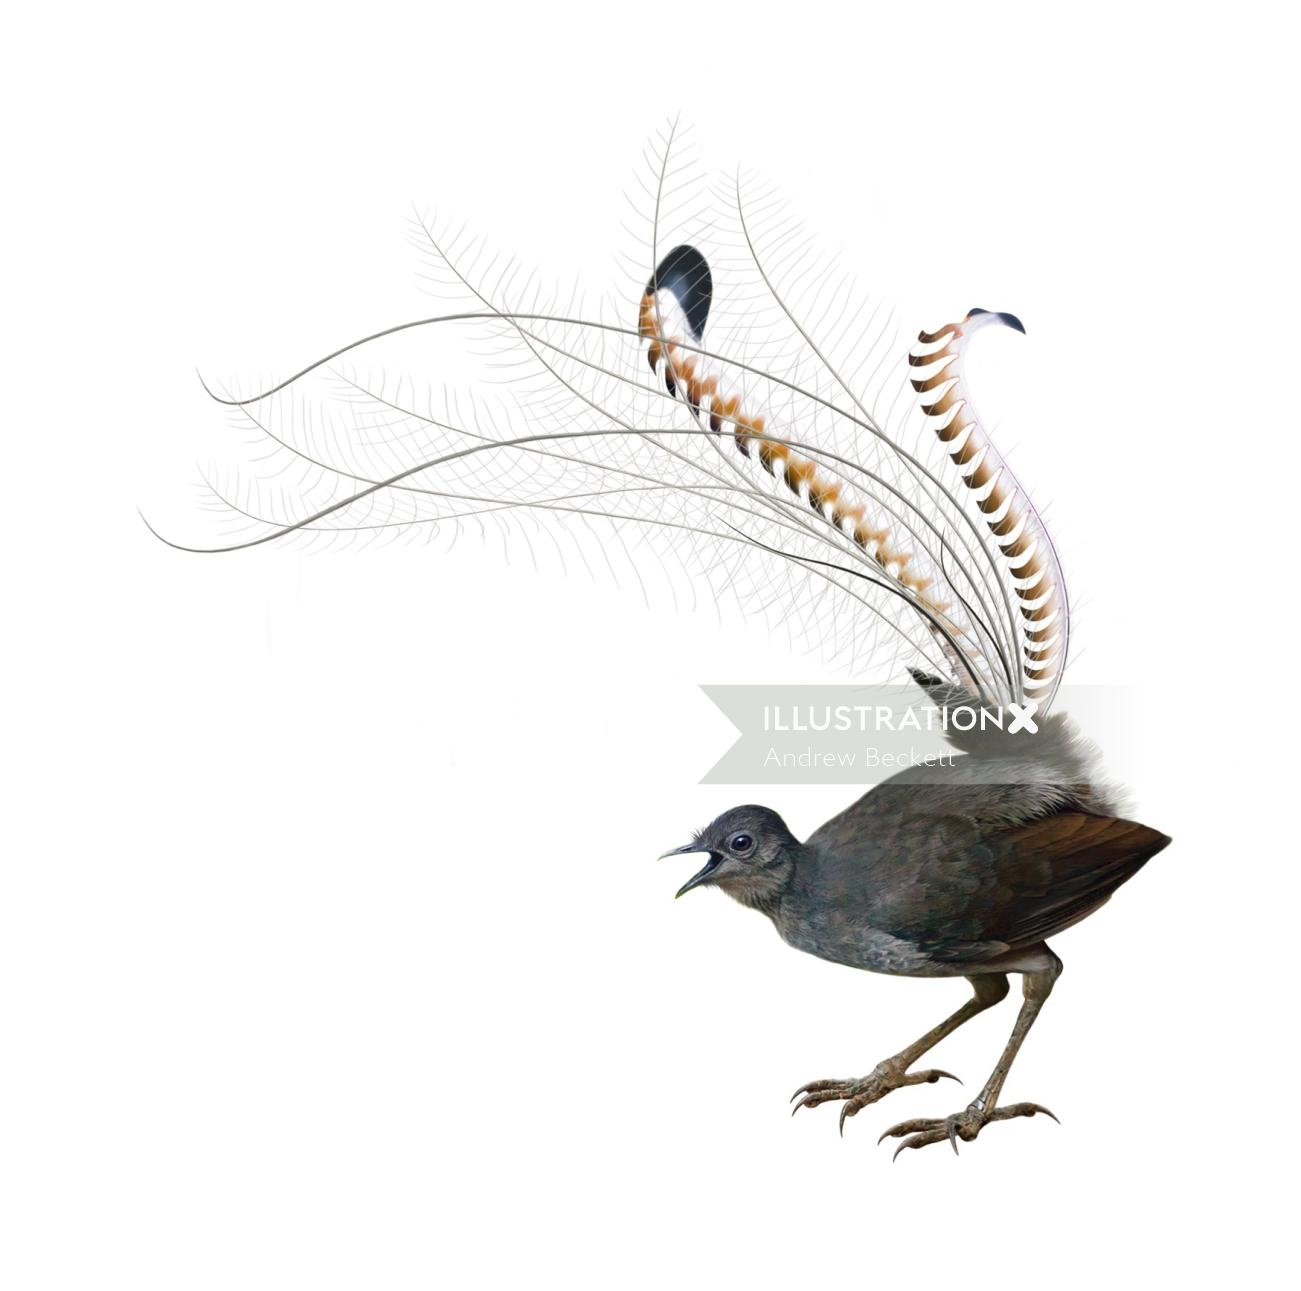 Bird illustration by Andrew Beckett